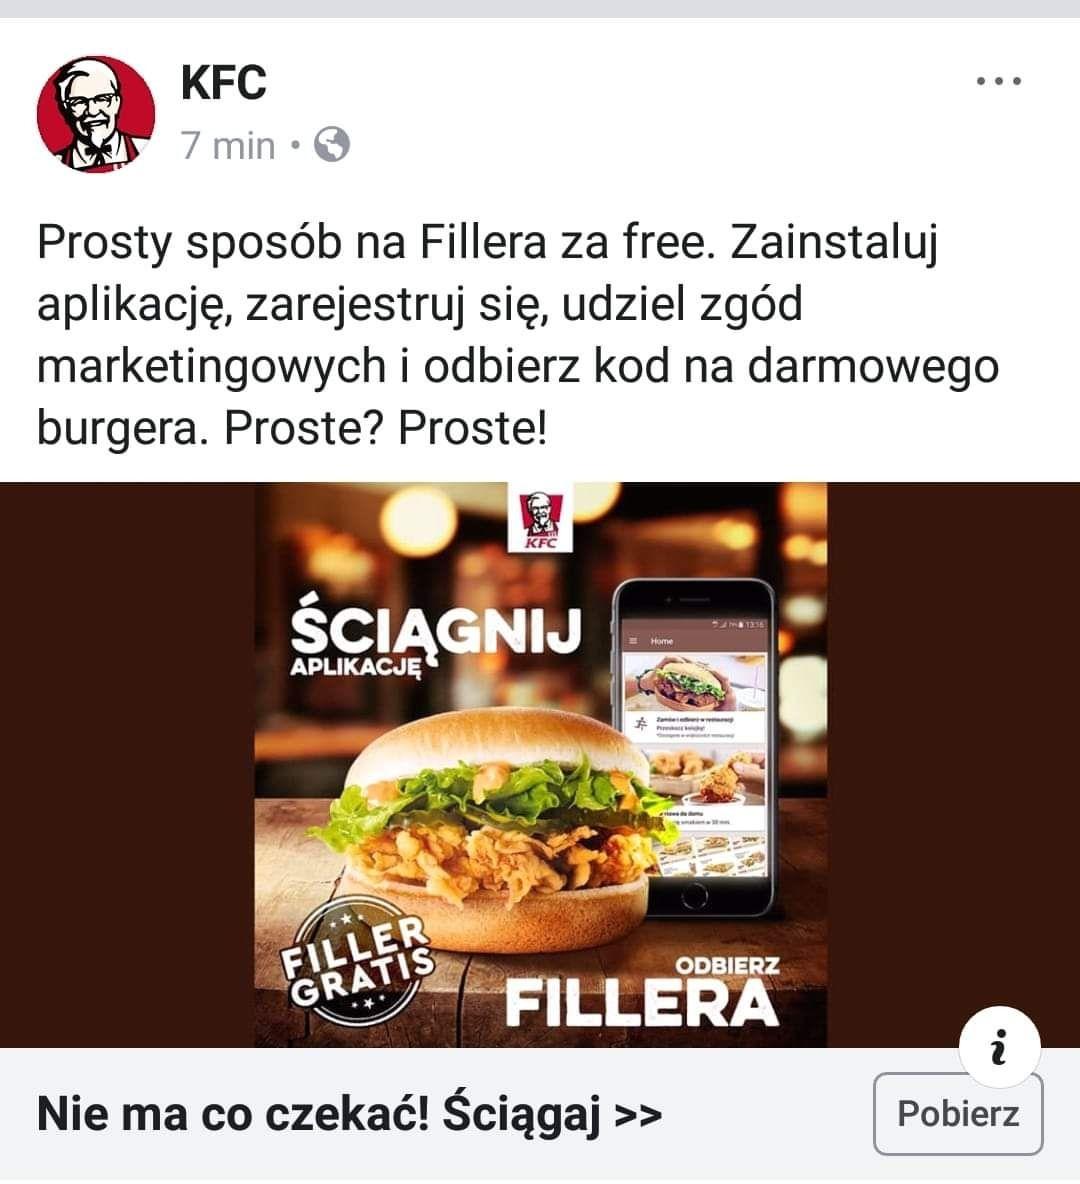 Darmowy filler za pobranie aplikacji KFC